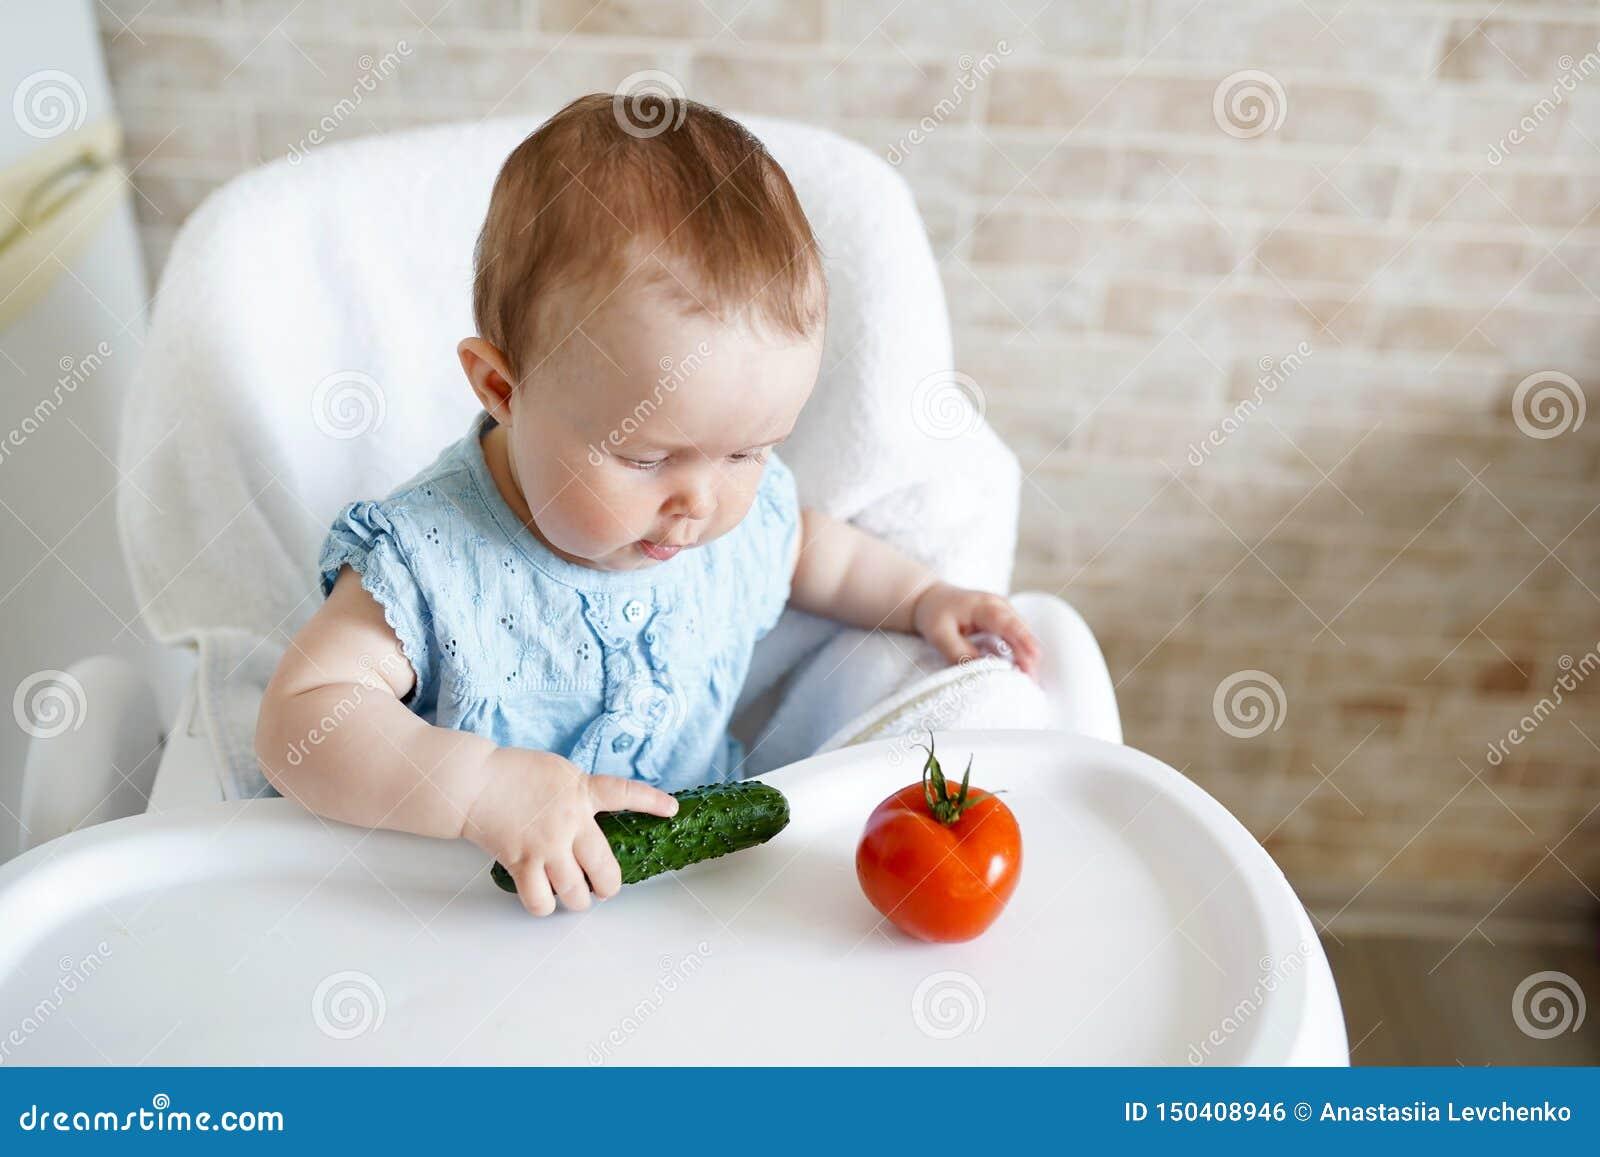 Младенец есть овощи зеленый огурец в руке маленькой девочки в солнечной кухне Здоровое питание для детей Закуска или завтрак для